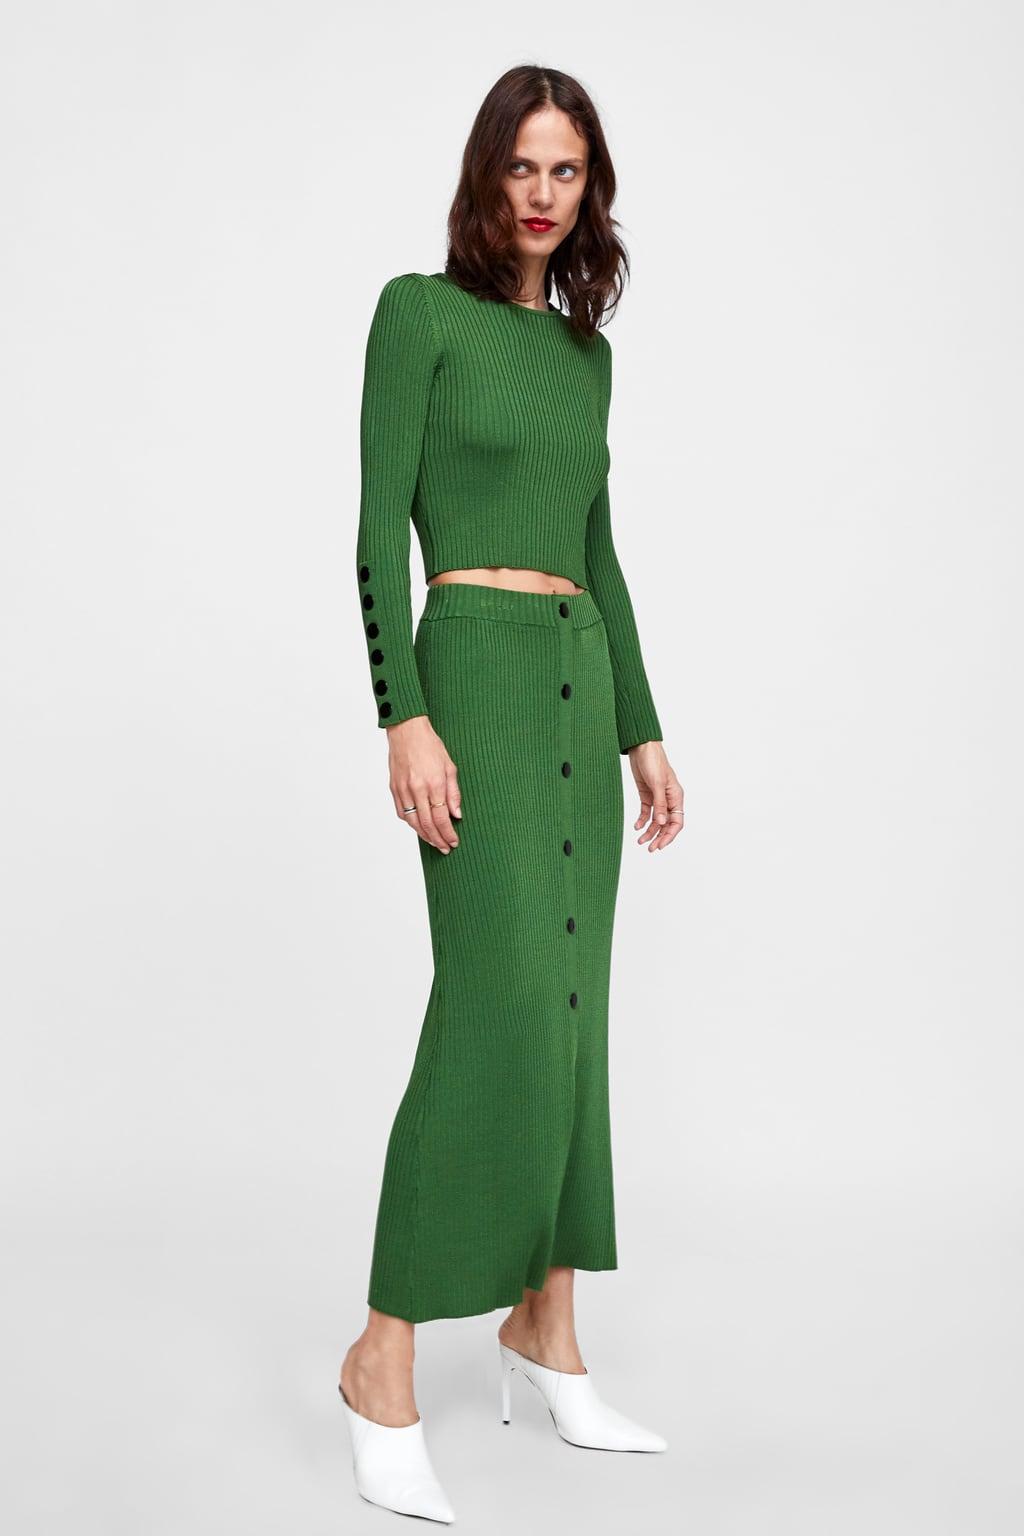 verde zara tendencia